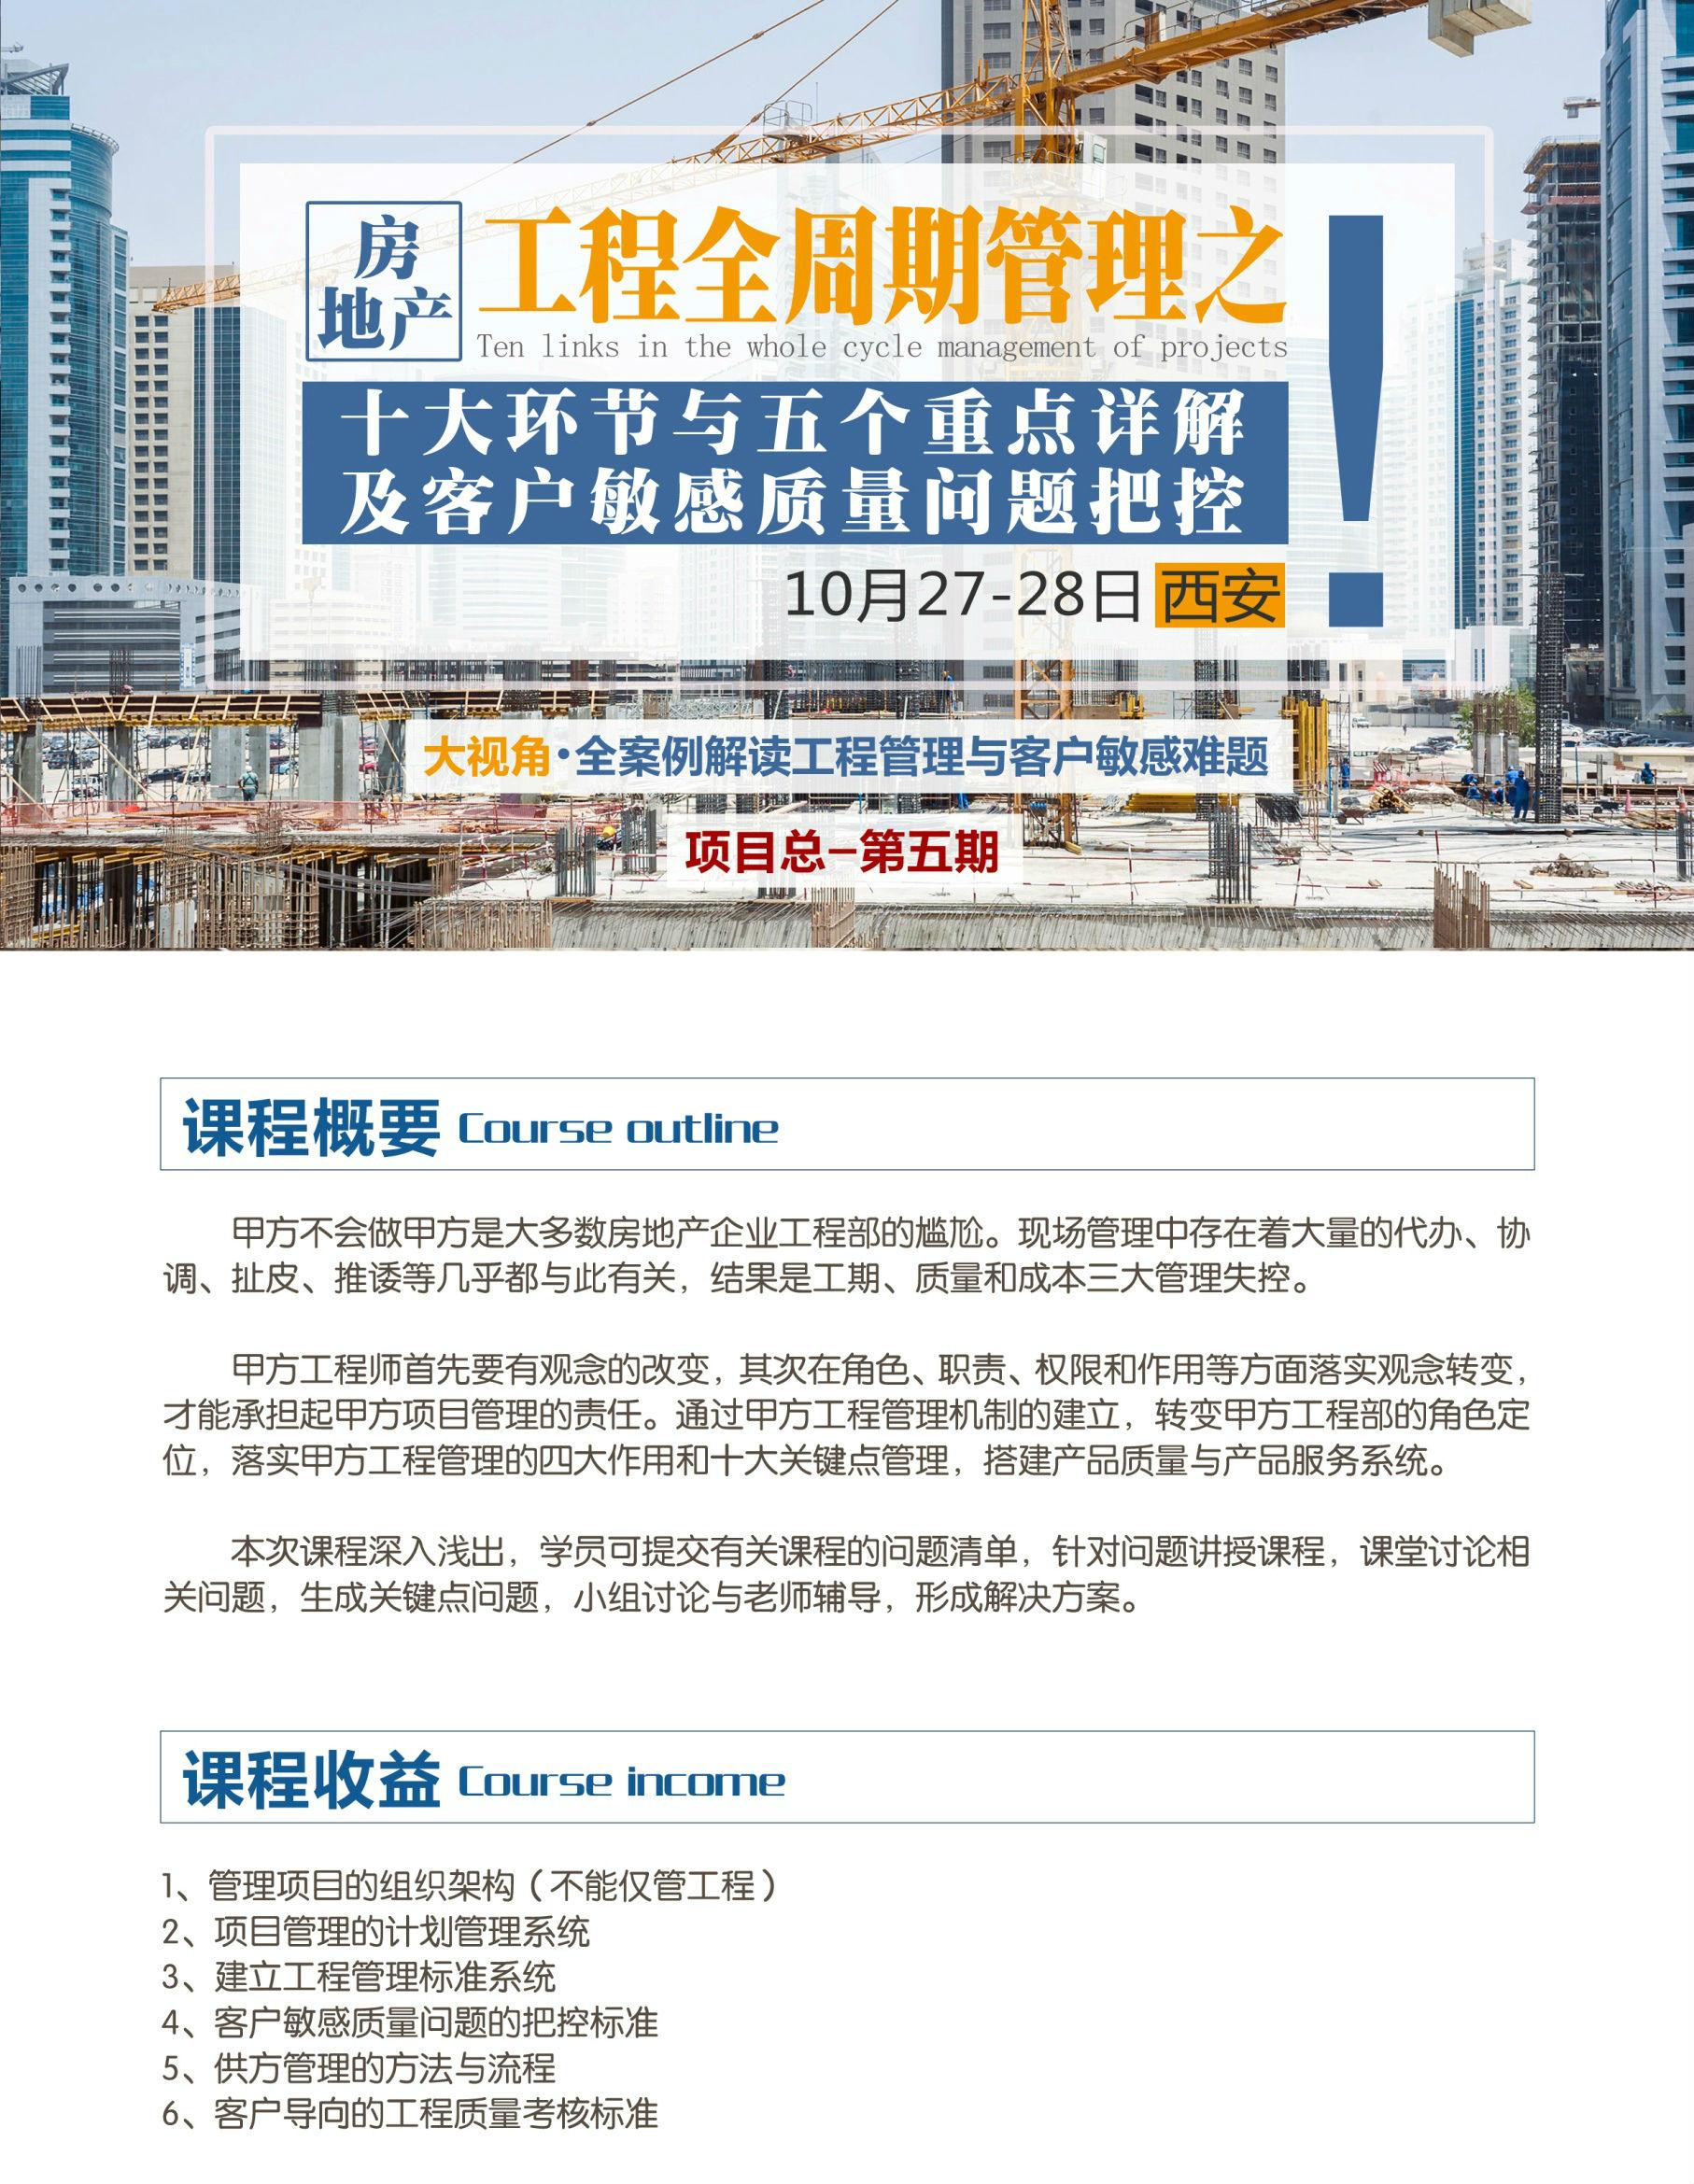 10月27-28日【西安】《房地产工程全周期管理之十大环节与五个重点详解及客户敏感质量问题把控》